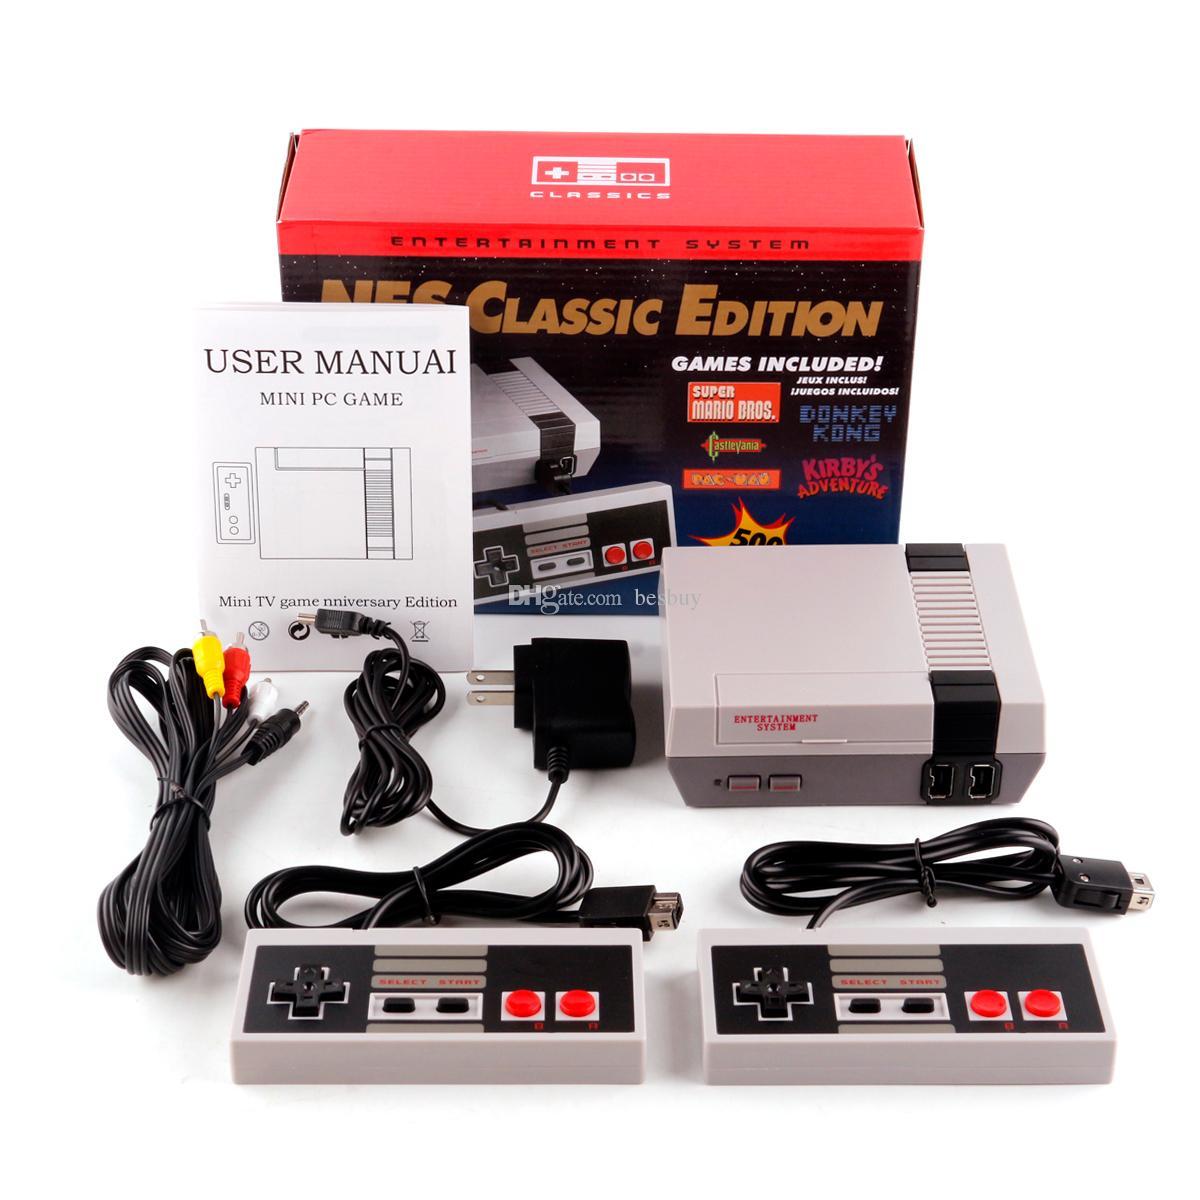 WII clásico HDMI TV del juego de video de mano consola de entretenimiento Juegos Sistema para 500 Edición Modelo Mini HD NES Consolas